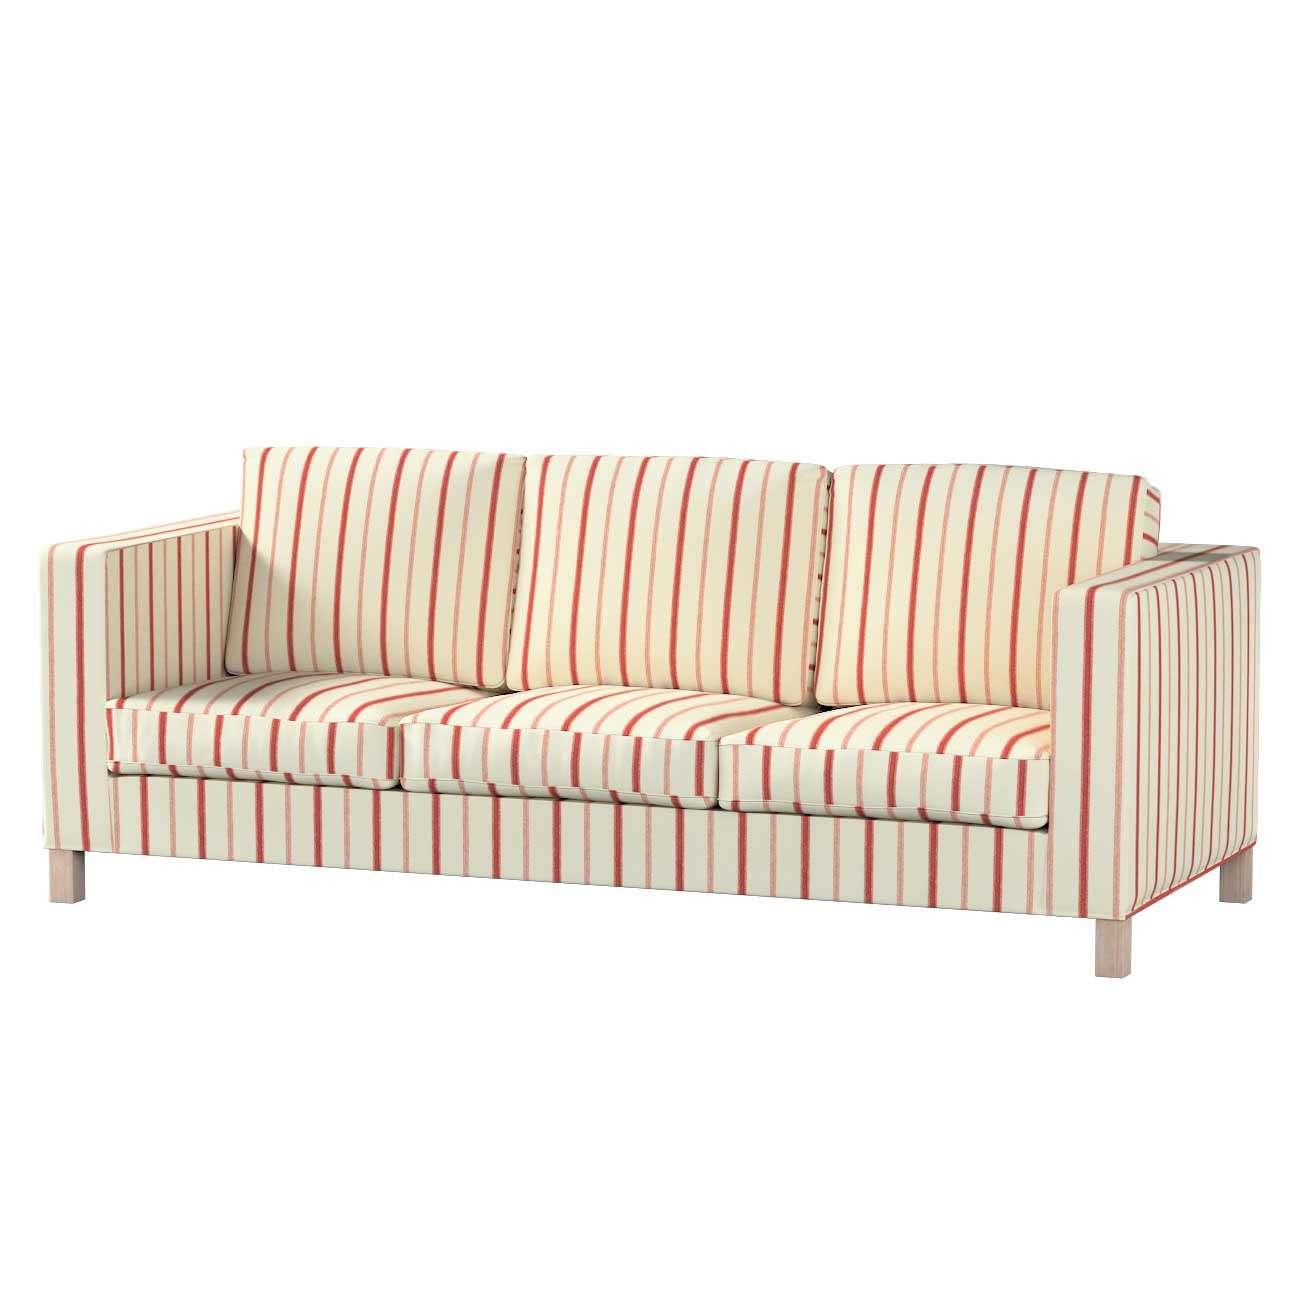 Karlanda 3-Sitzer  Sofabezug nicht ausklappbar kurz Karlanda 3-Sitzer, kurz von der Kollektion Avinon, Stoff: 129-15